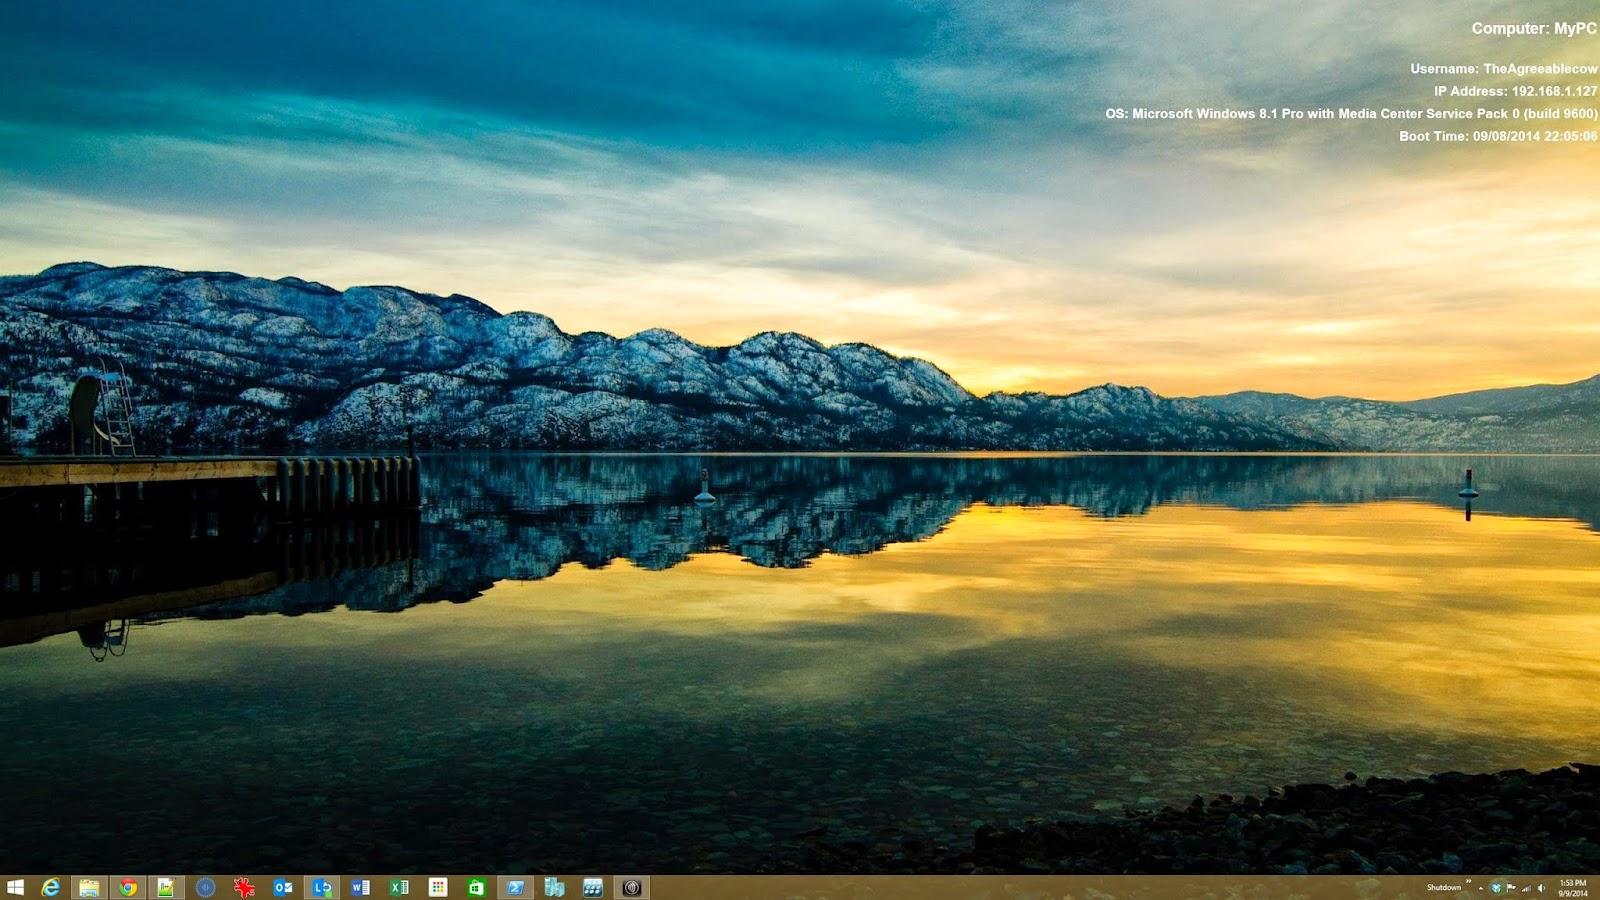 TheAgreeableCow: Set a Desktop Wallpaper using PowerShell